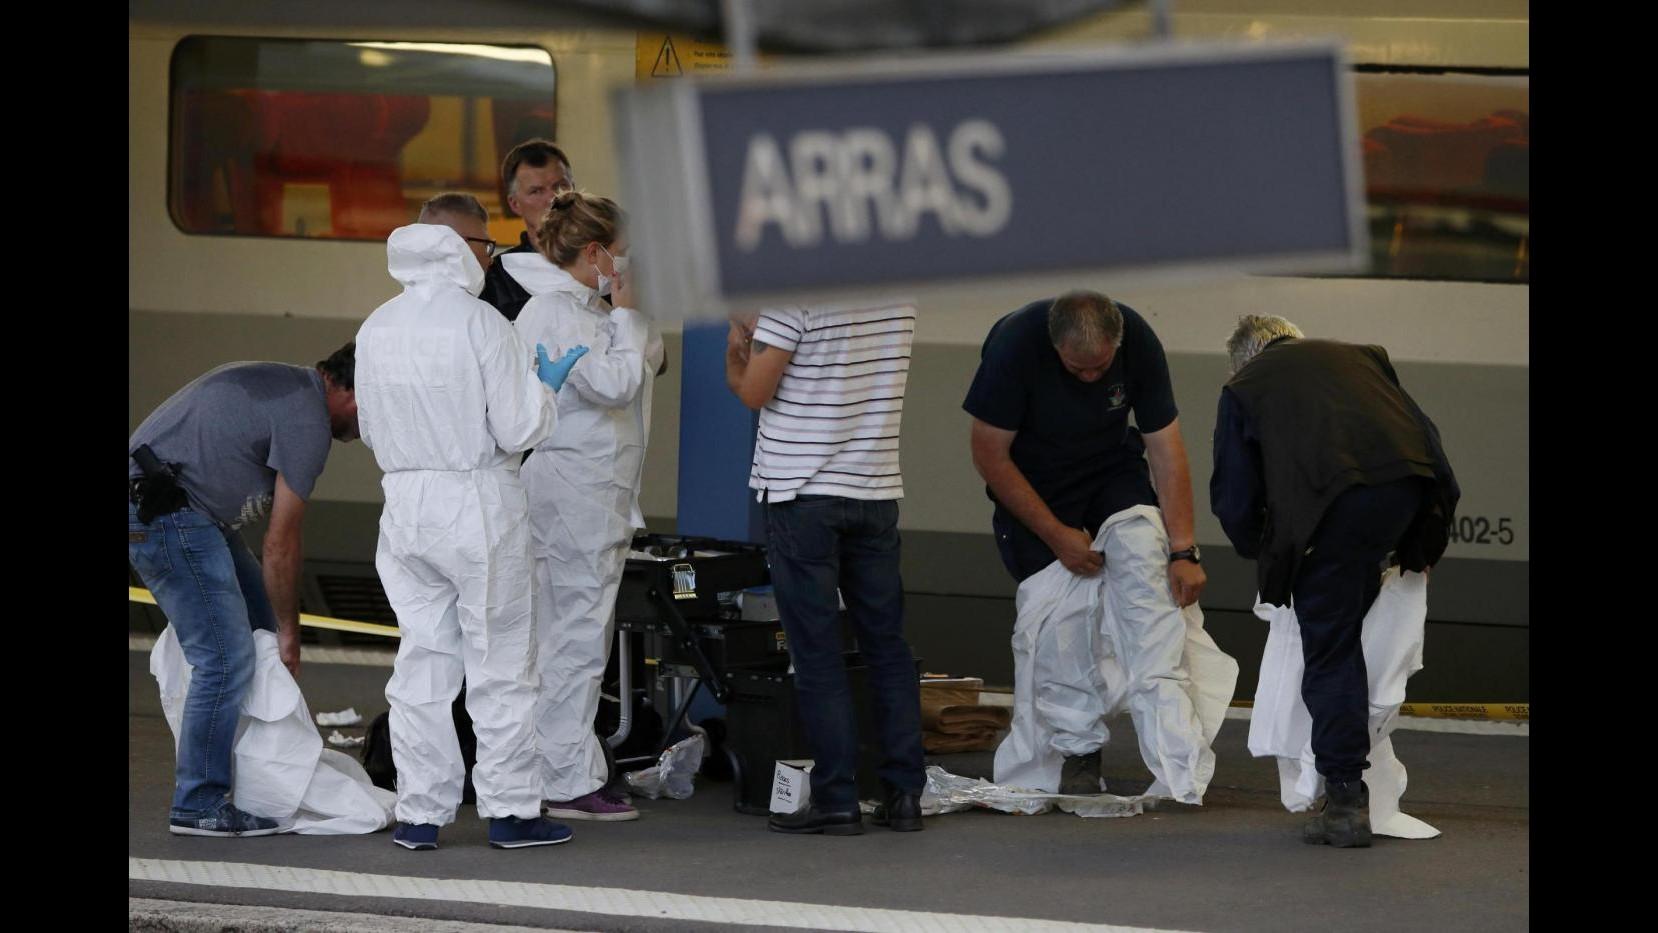 Sparatoria treno, autore: Non sono un terrorista, volevo rapinare i passeggeri